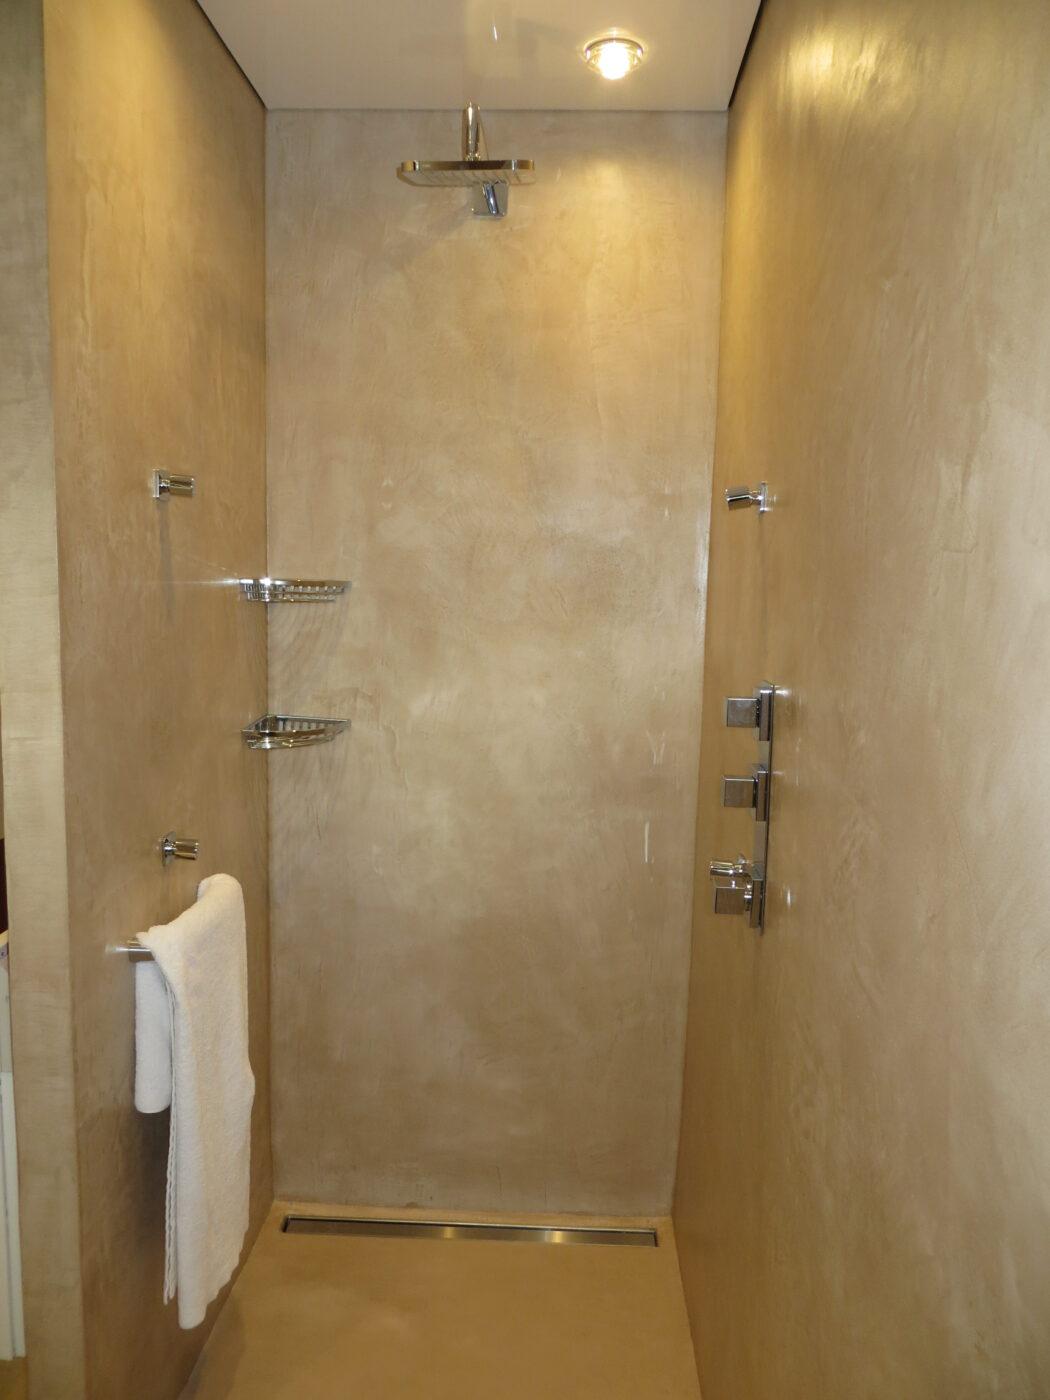 Rénovation salle de bain - exemple 02 - béton ciré ...